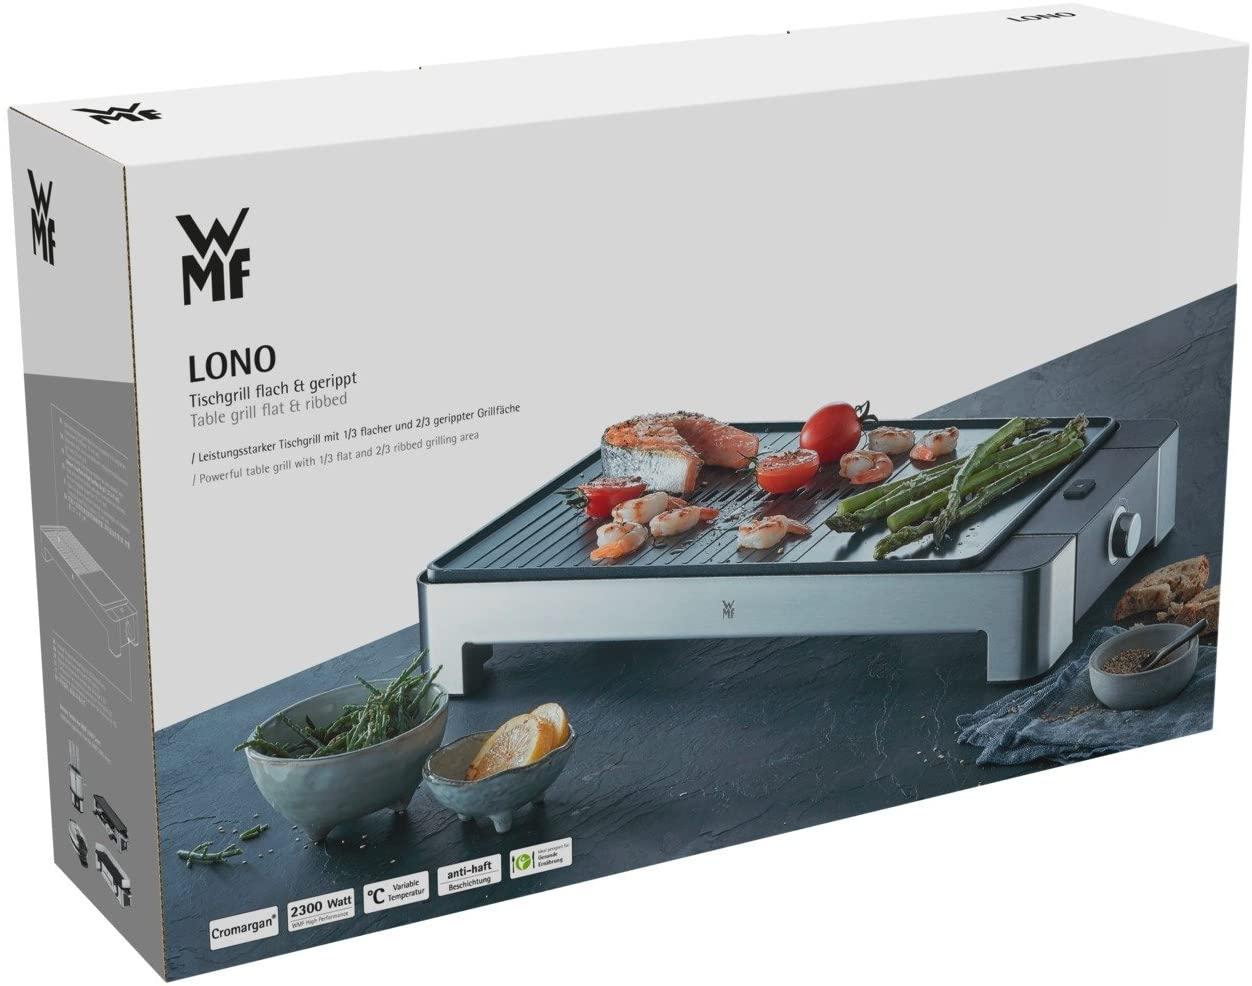 Bếp nướng WMF lono 2300W [ Nhập Đức bh 12 tháng ]   Lazada.vn